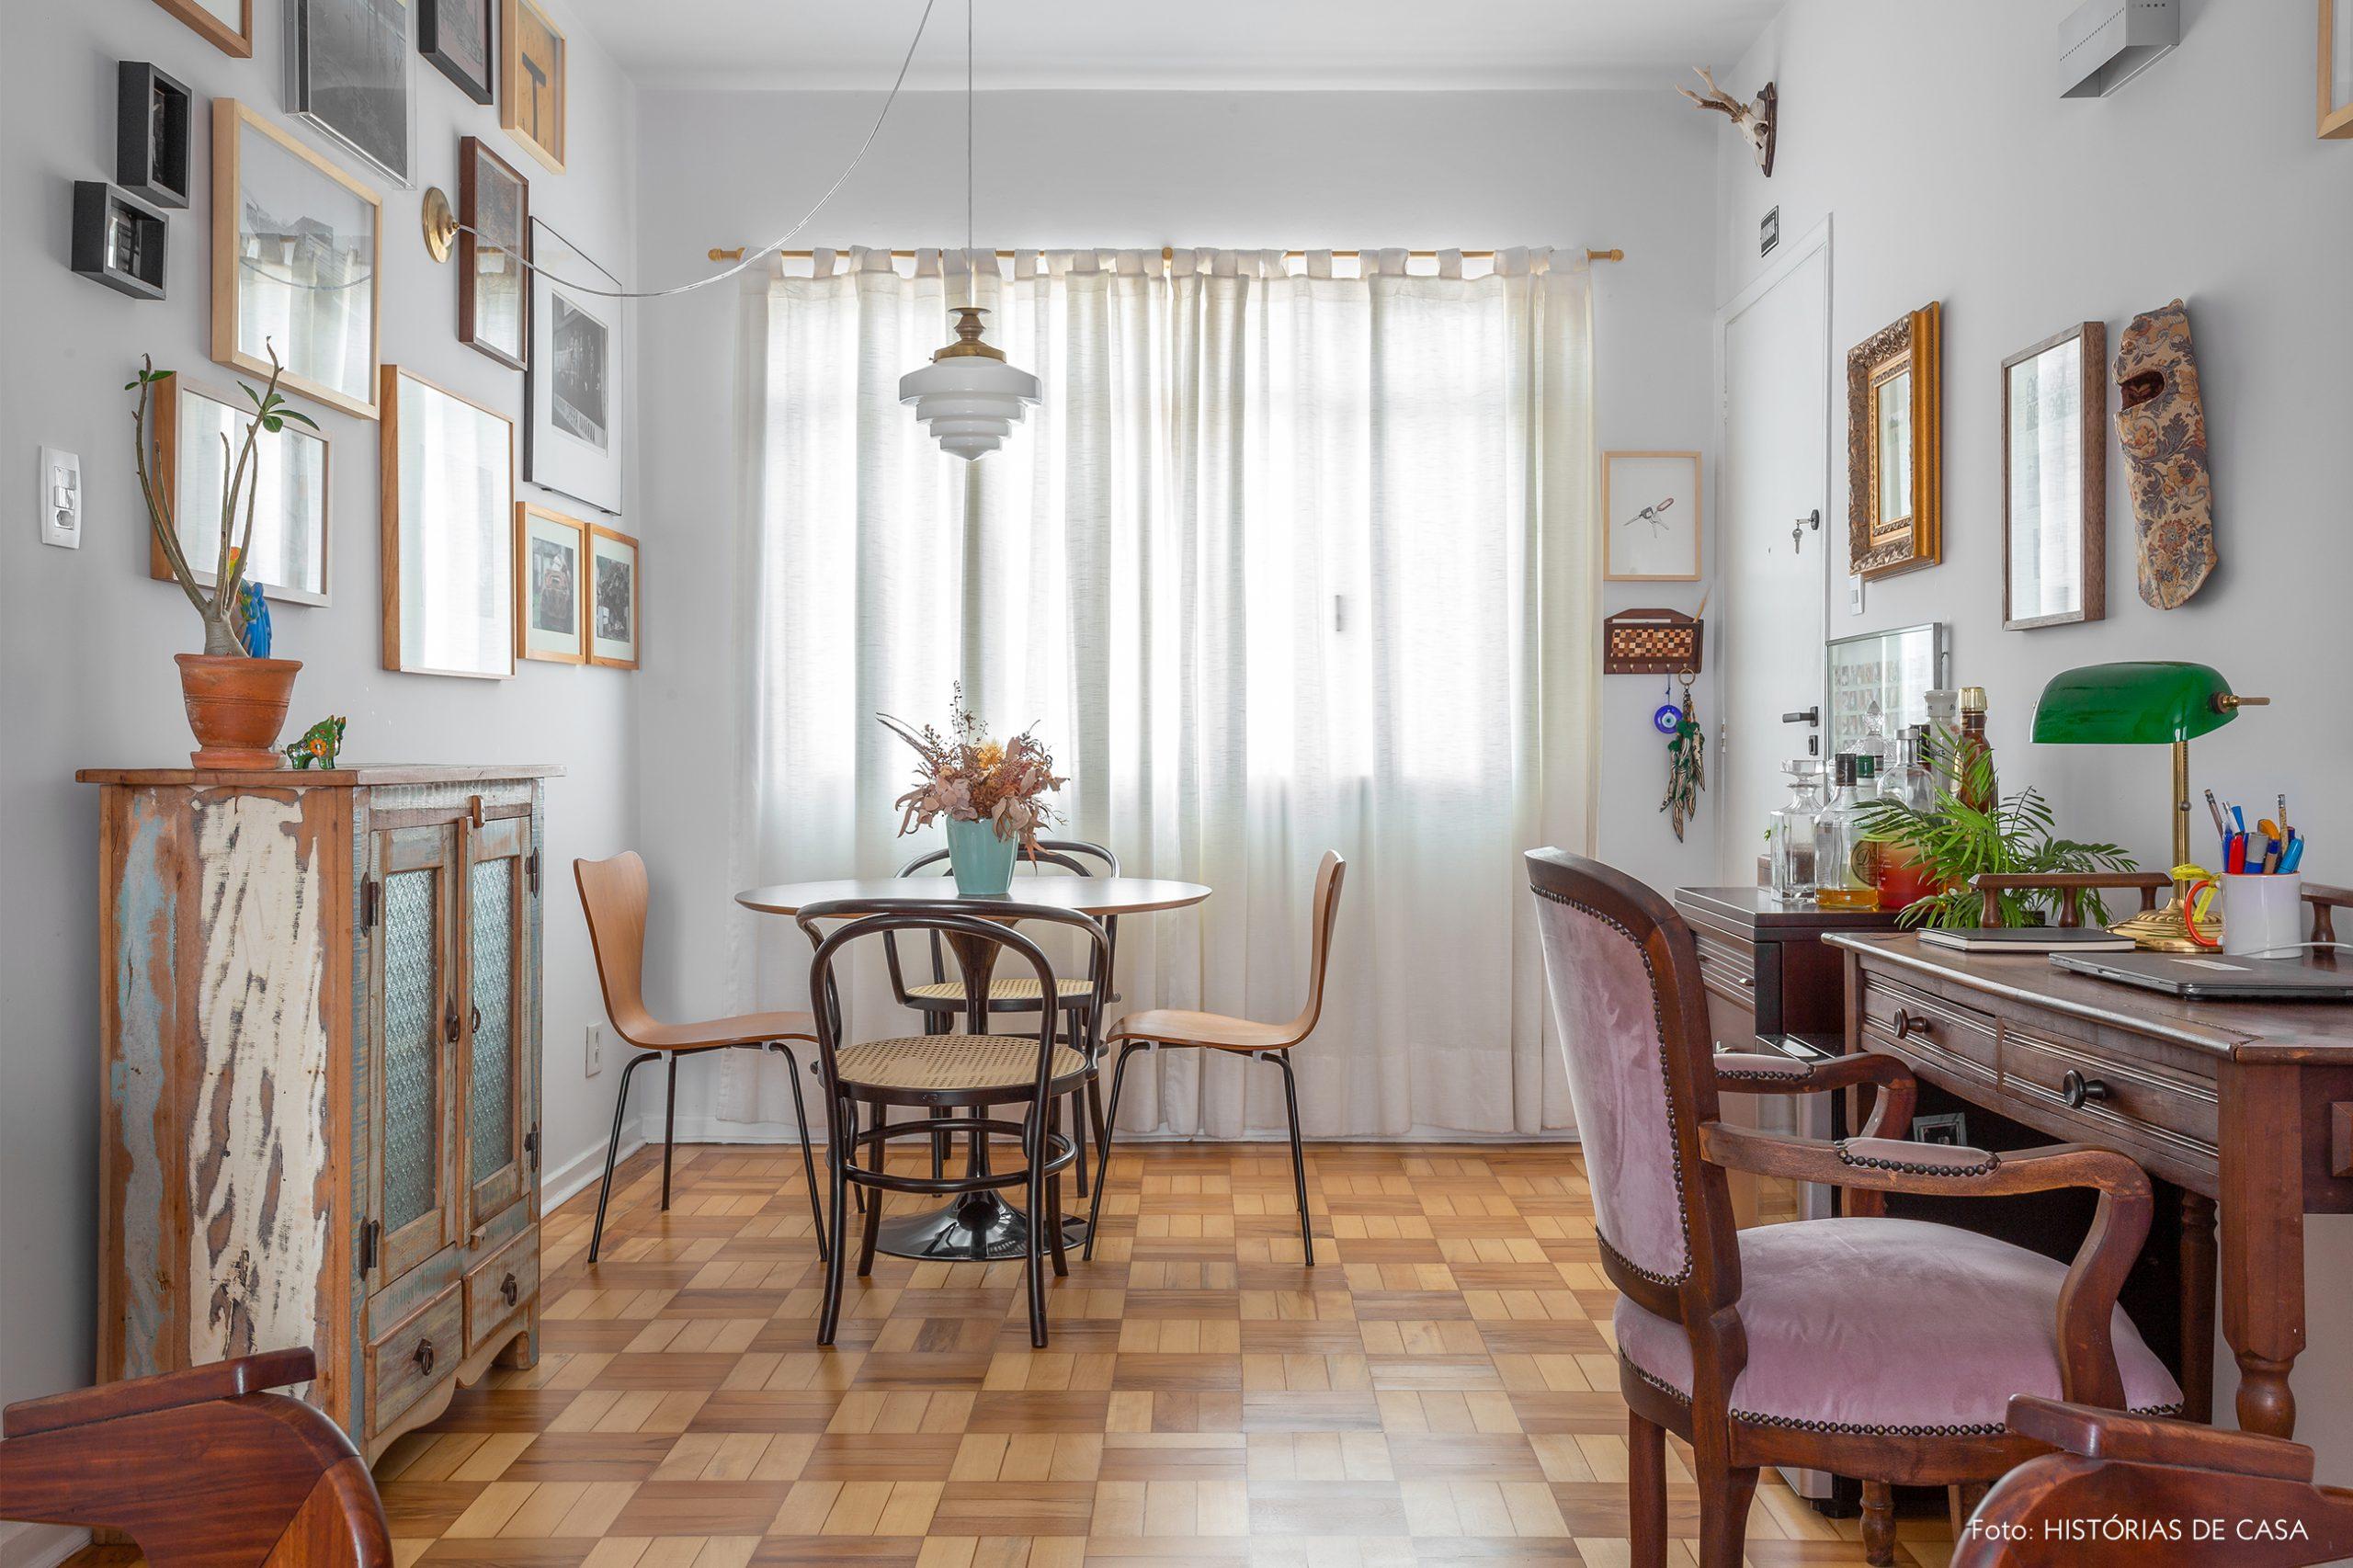 decoração sala com moveis antigos de madeira e muitos quadros